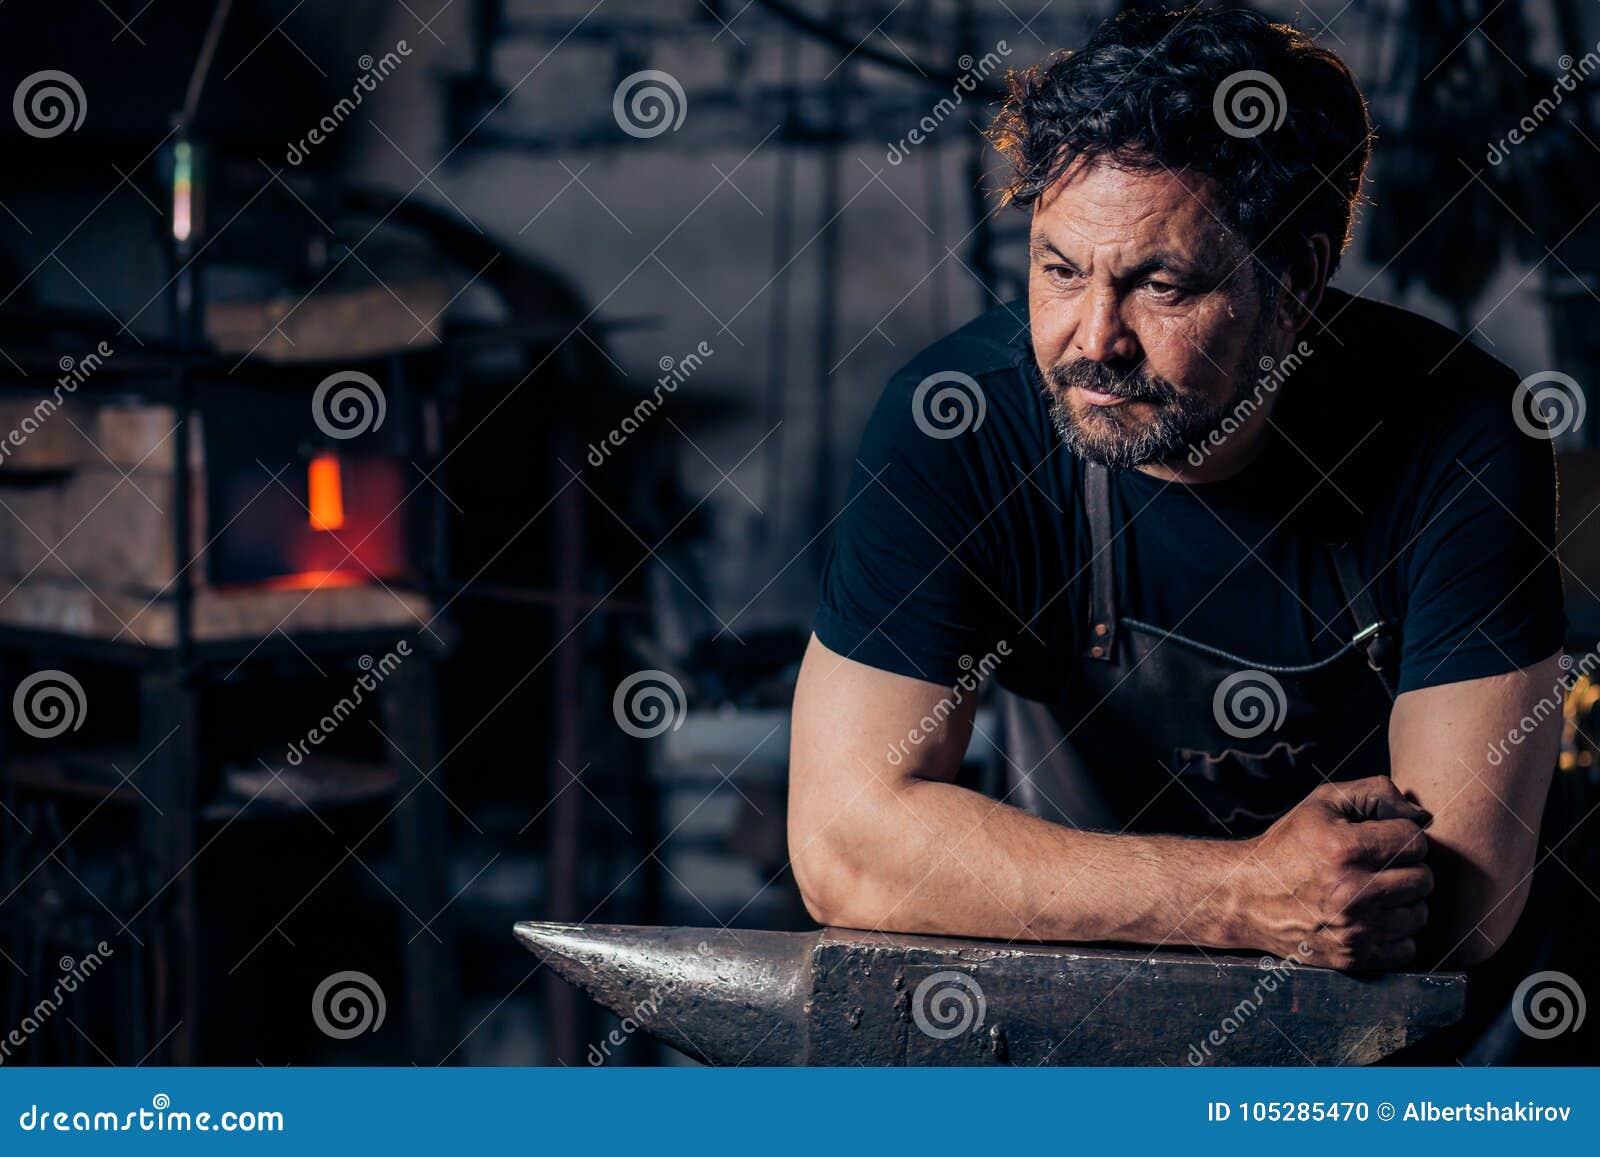 Porträt des Schmiedes vorbereitend, Metall auf dem Ambosse zu bearbeiten